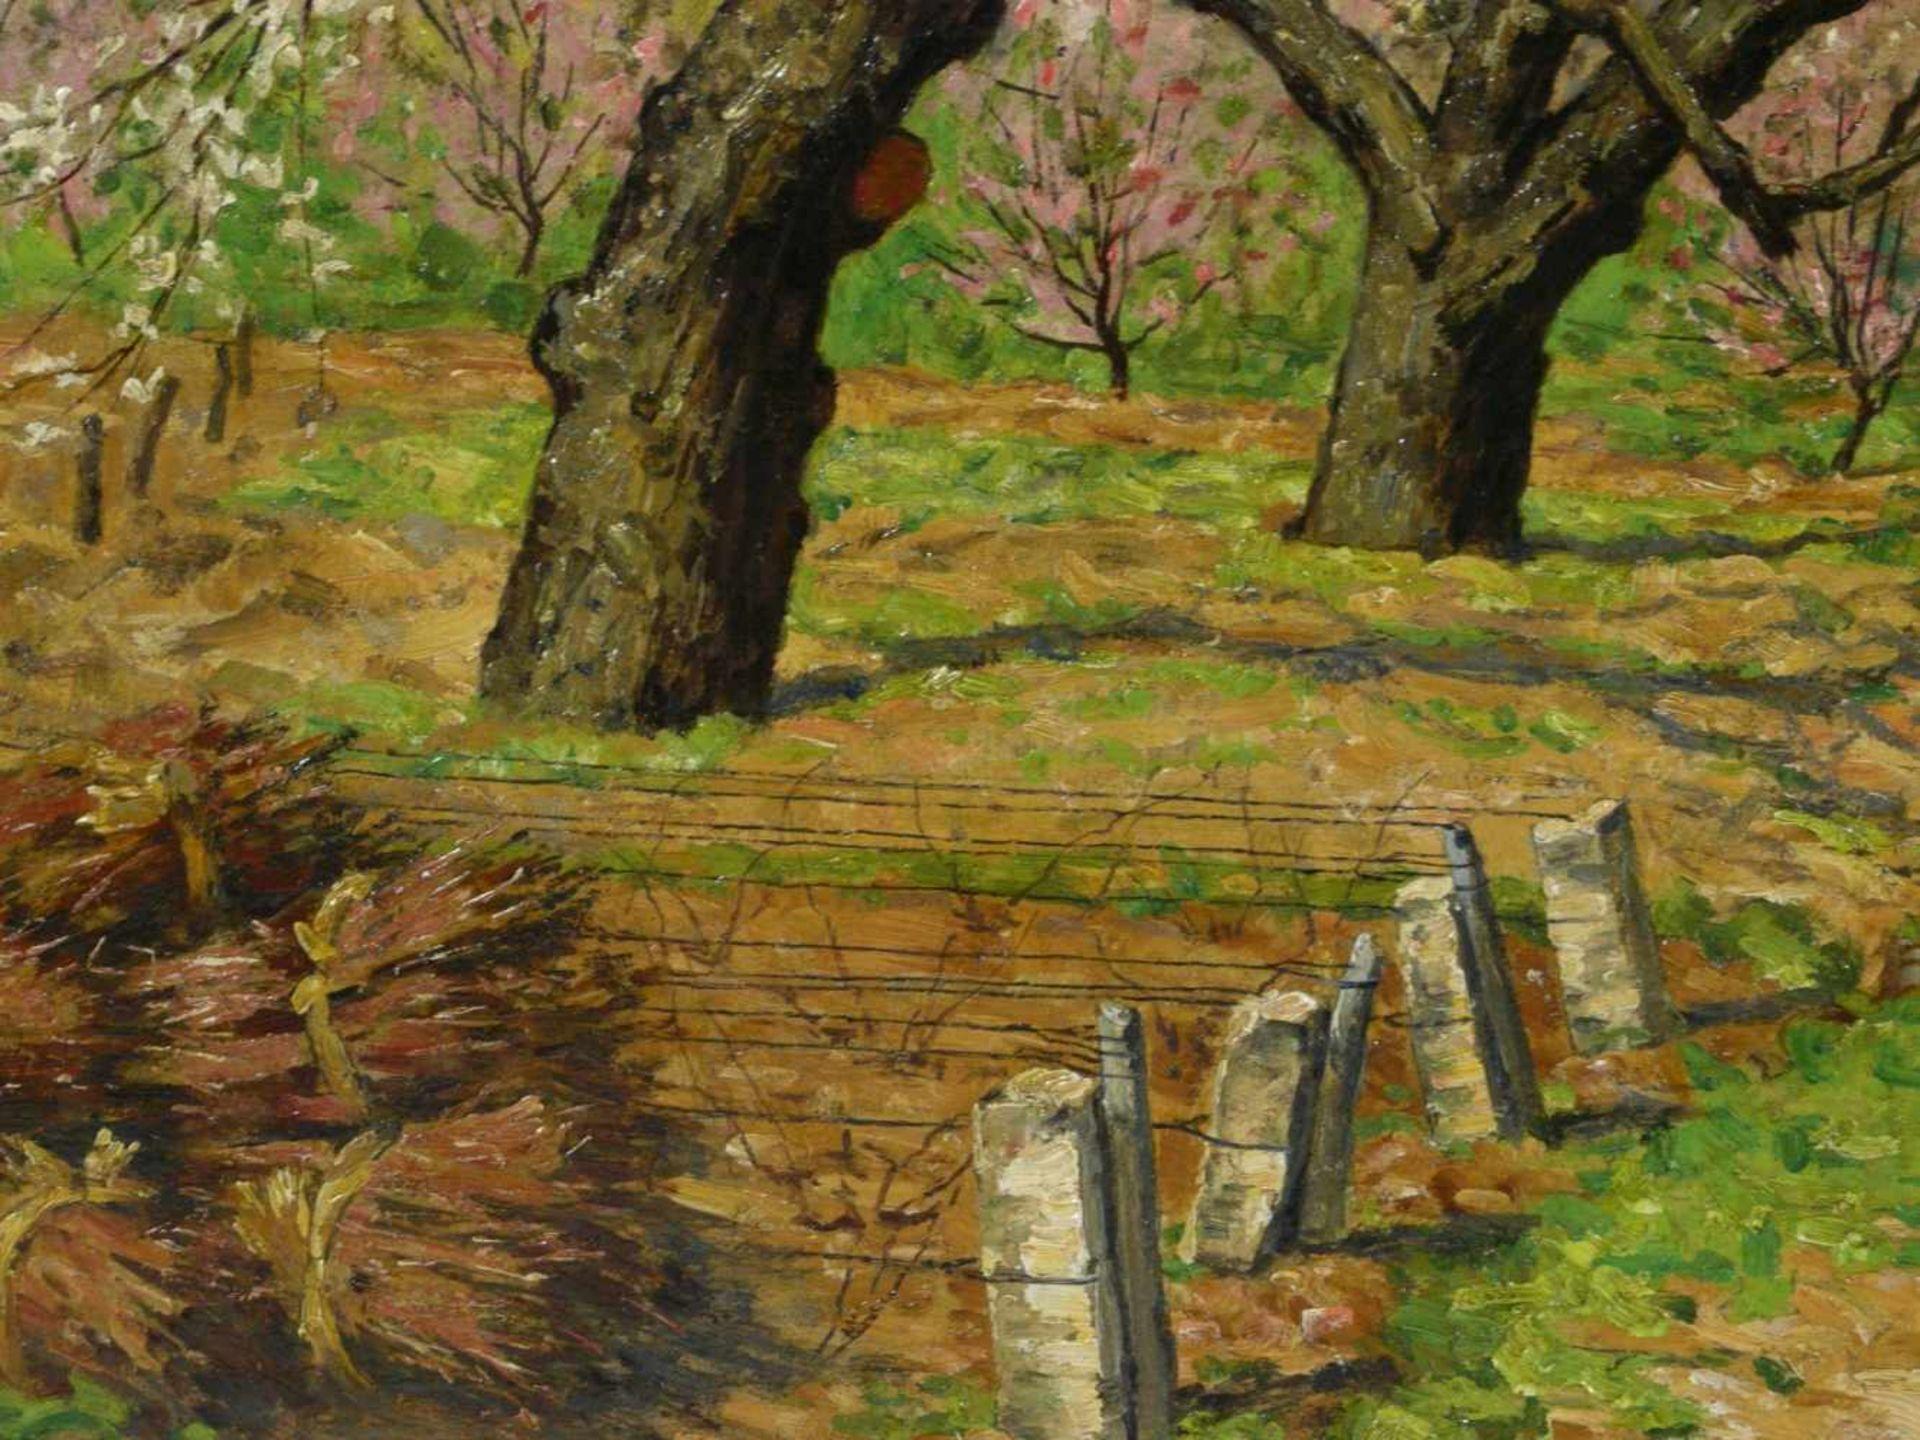 Koch, Michel (1853-1927) - Blühende FrühlingslandschaftFriedvolle Darstellung eines von blühenden - Bild 5 aus 6